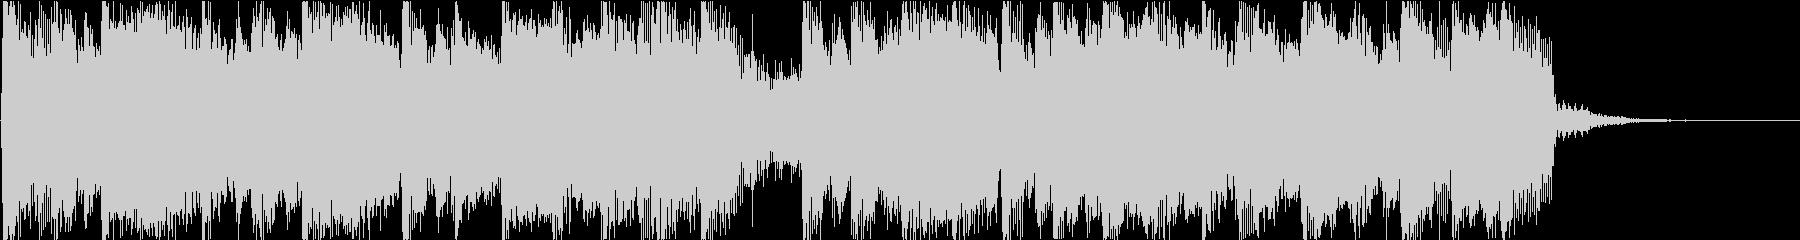 ほのぼの感MAXのBGMの未再生の波形